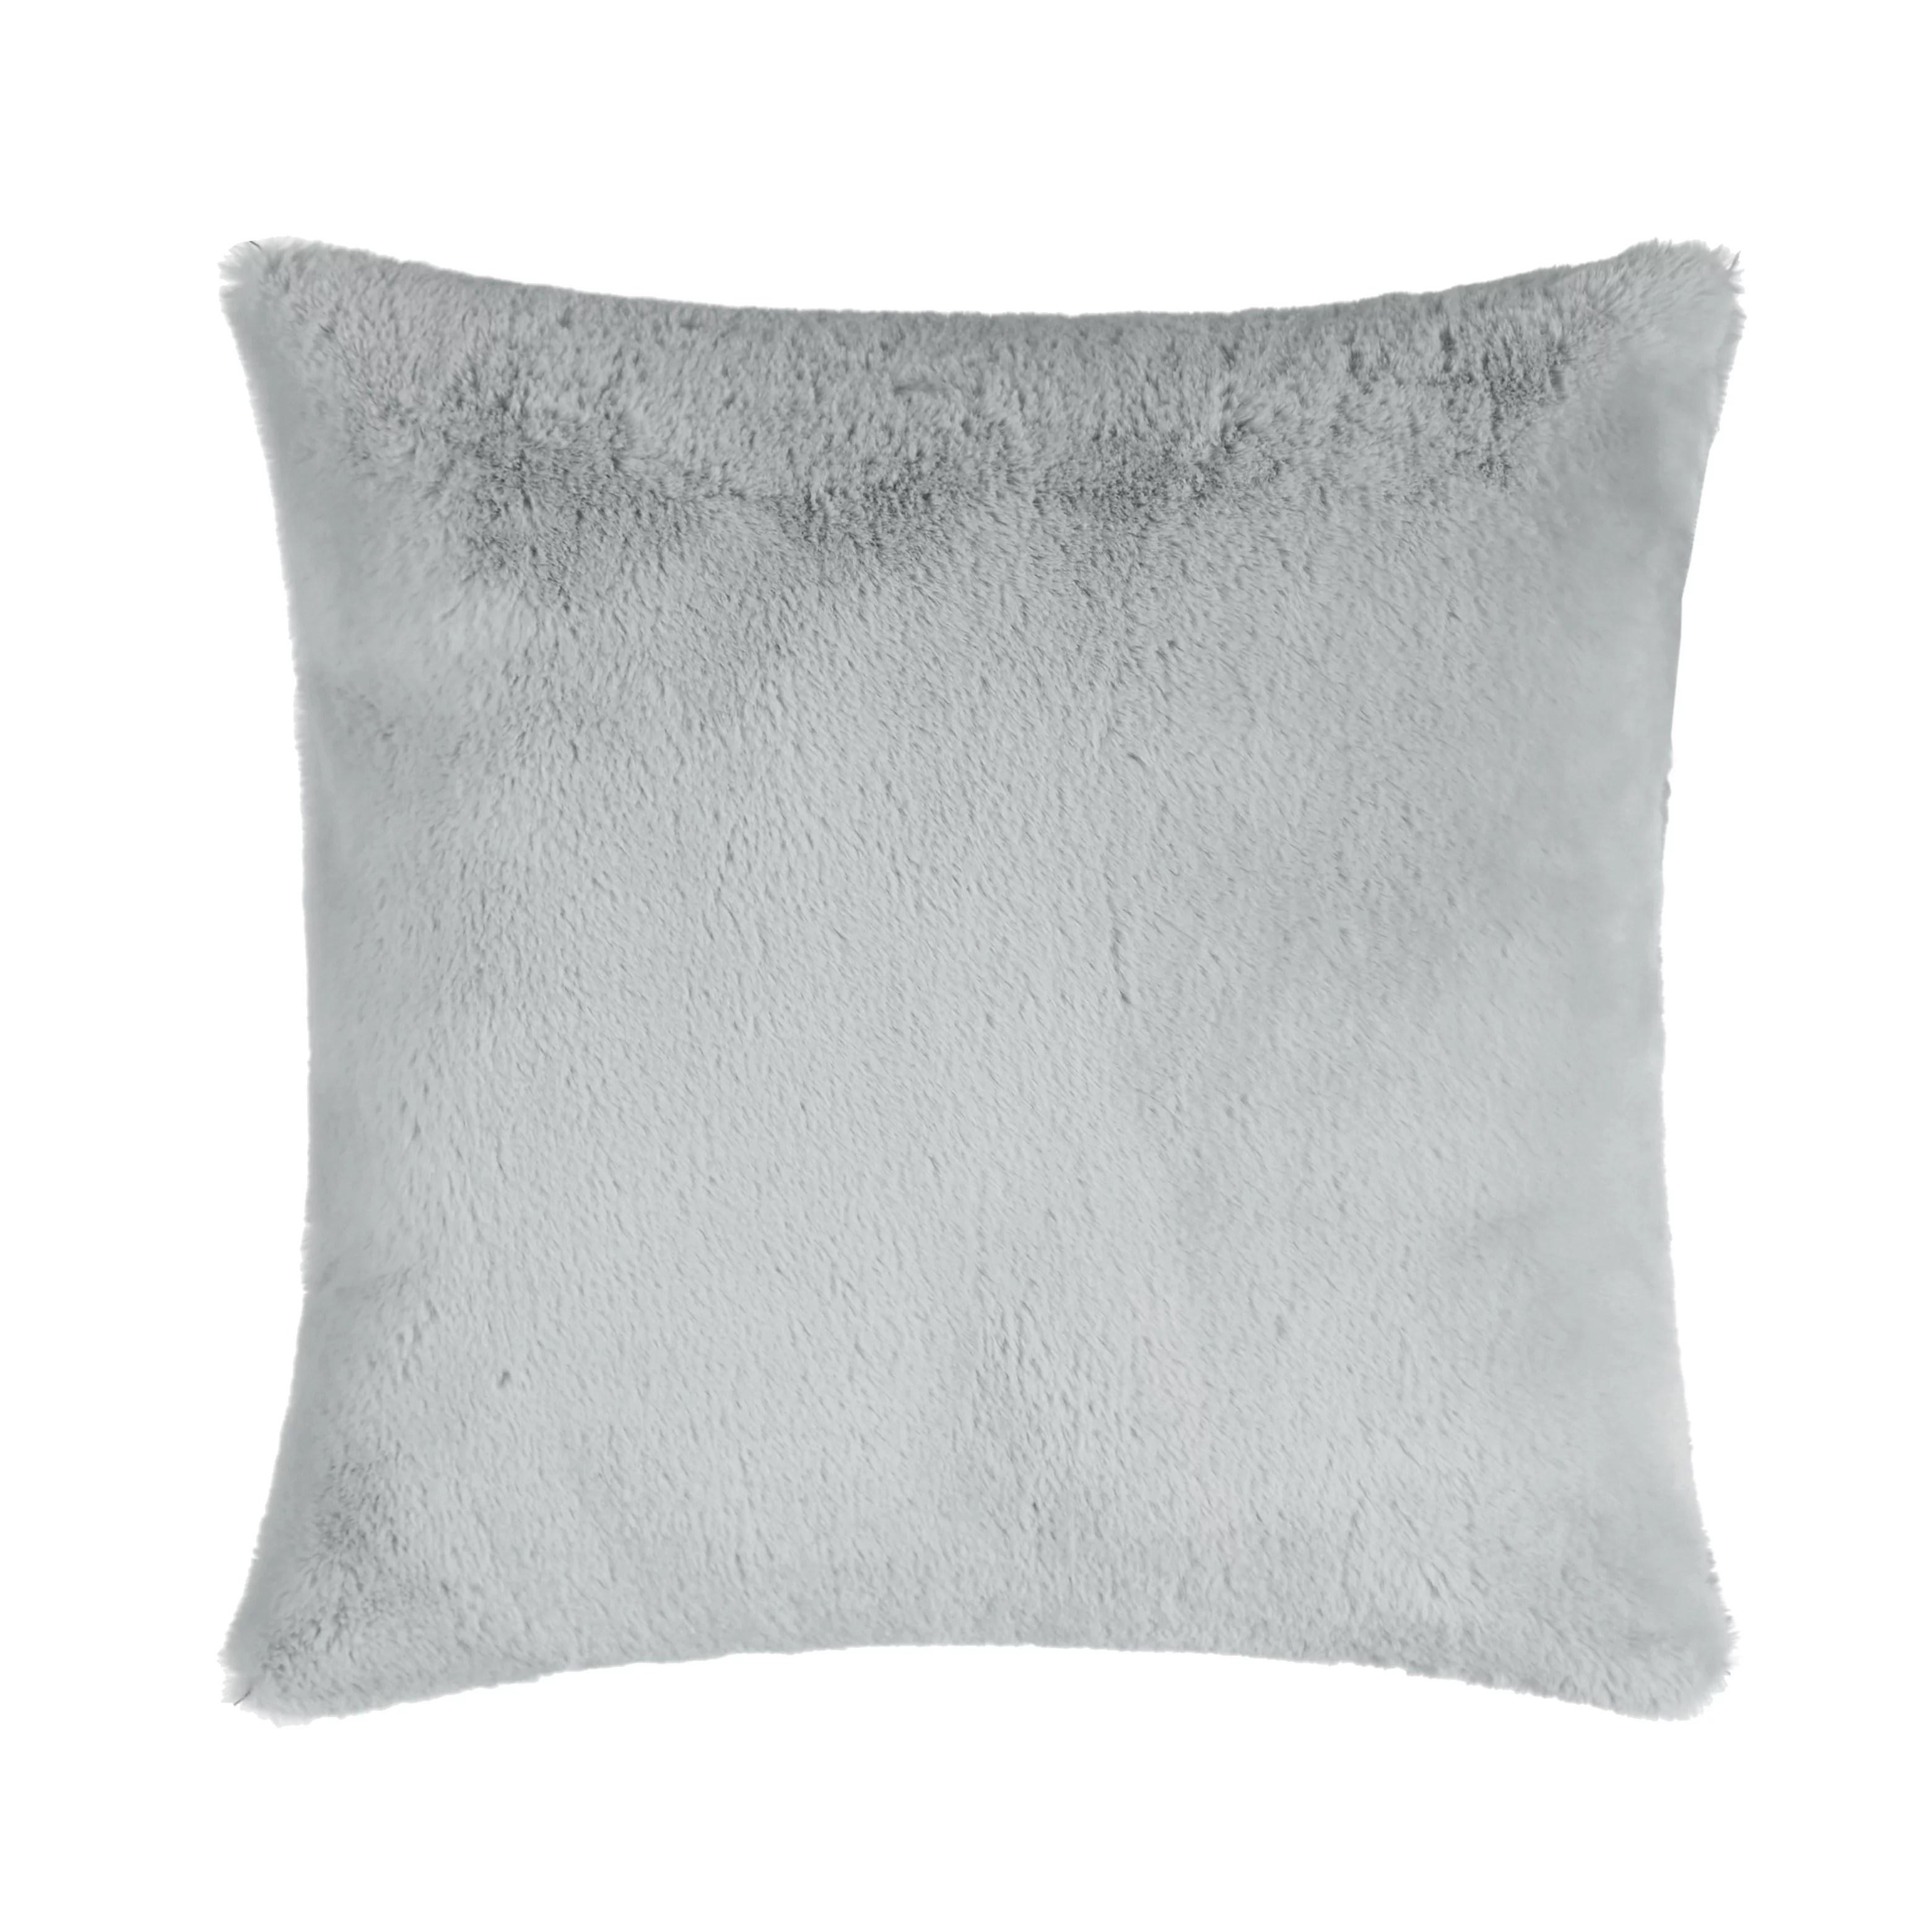 mainstays faux fur pillow 18 x 18 grey square 1 piece